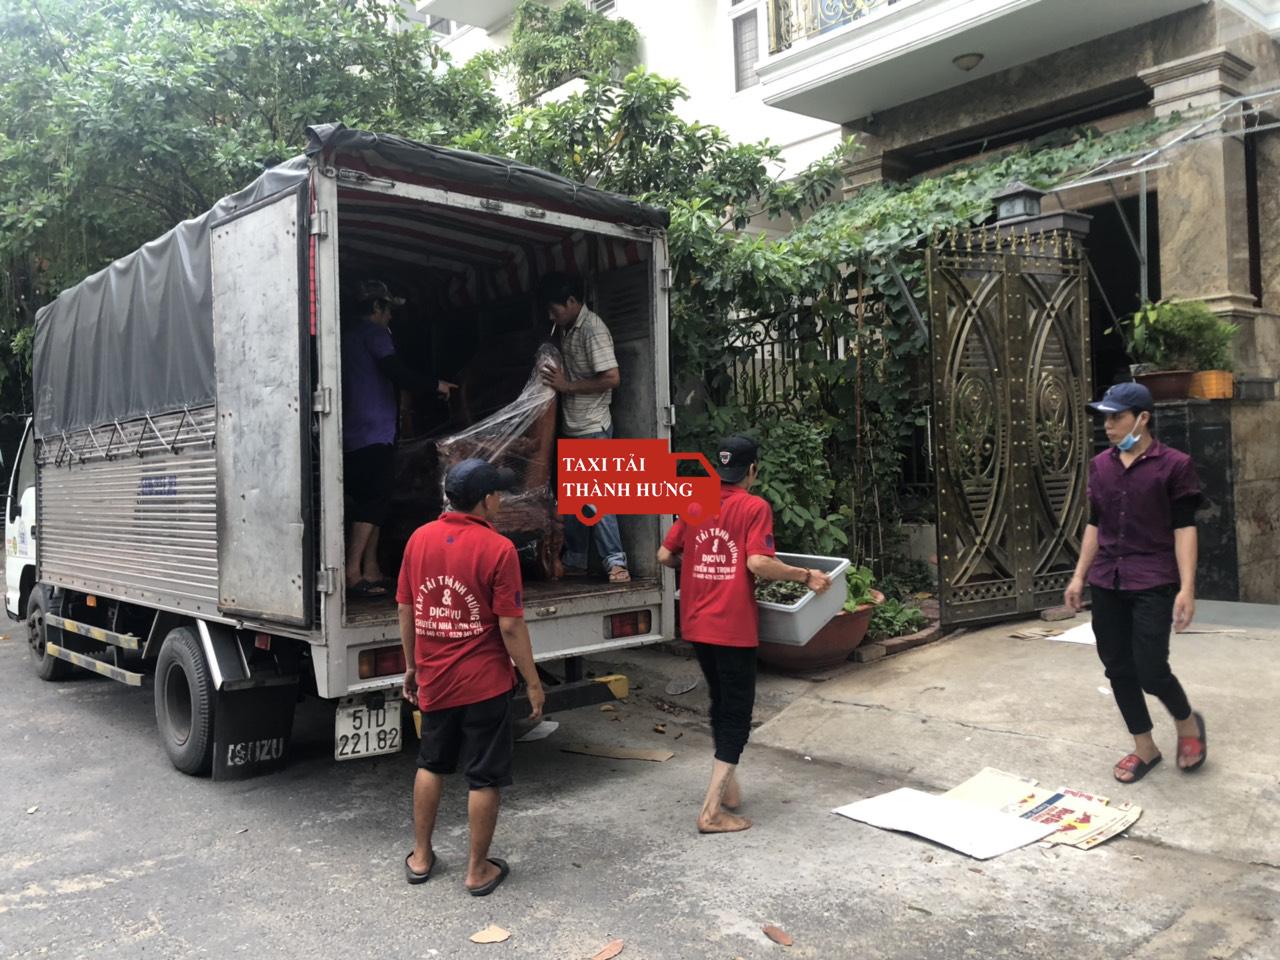 Taxi tải Thành Hưng uy tín quận 4